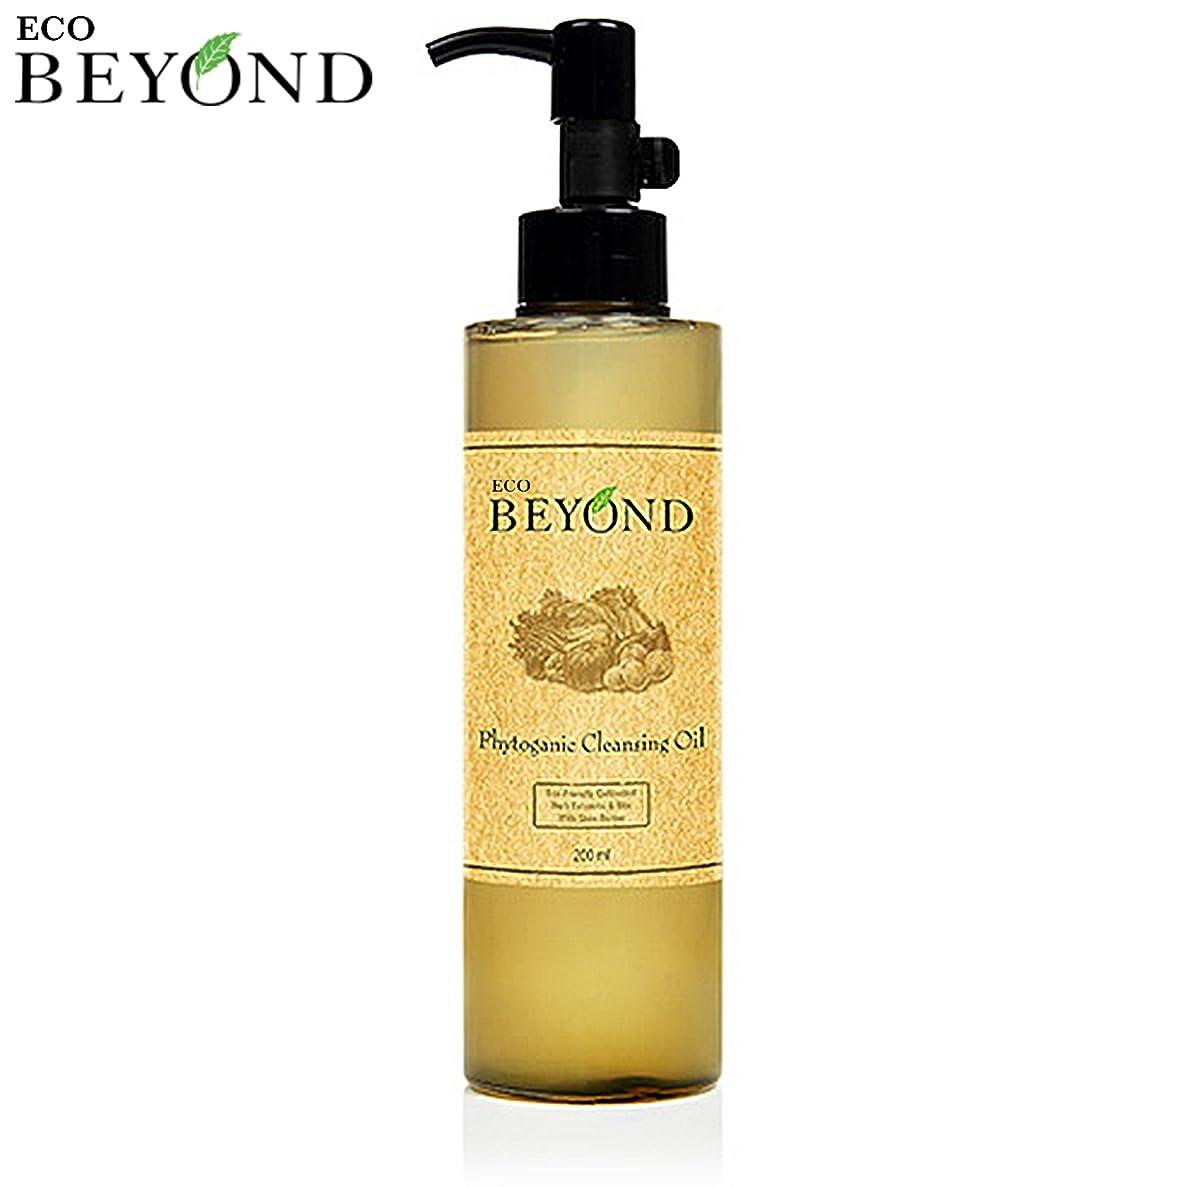 ドメインリア王ベーコン[ビヨンド] BEYOND [フィトガニック クレンジング オイル 200ml] Phytoganic Cleansing Oil 200ml [海外直送品]